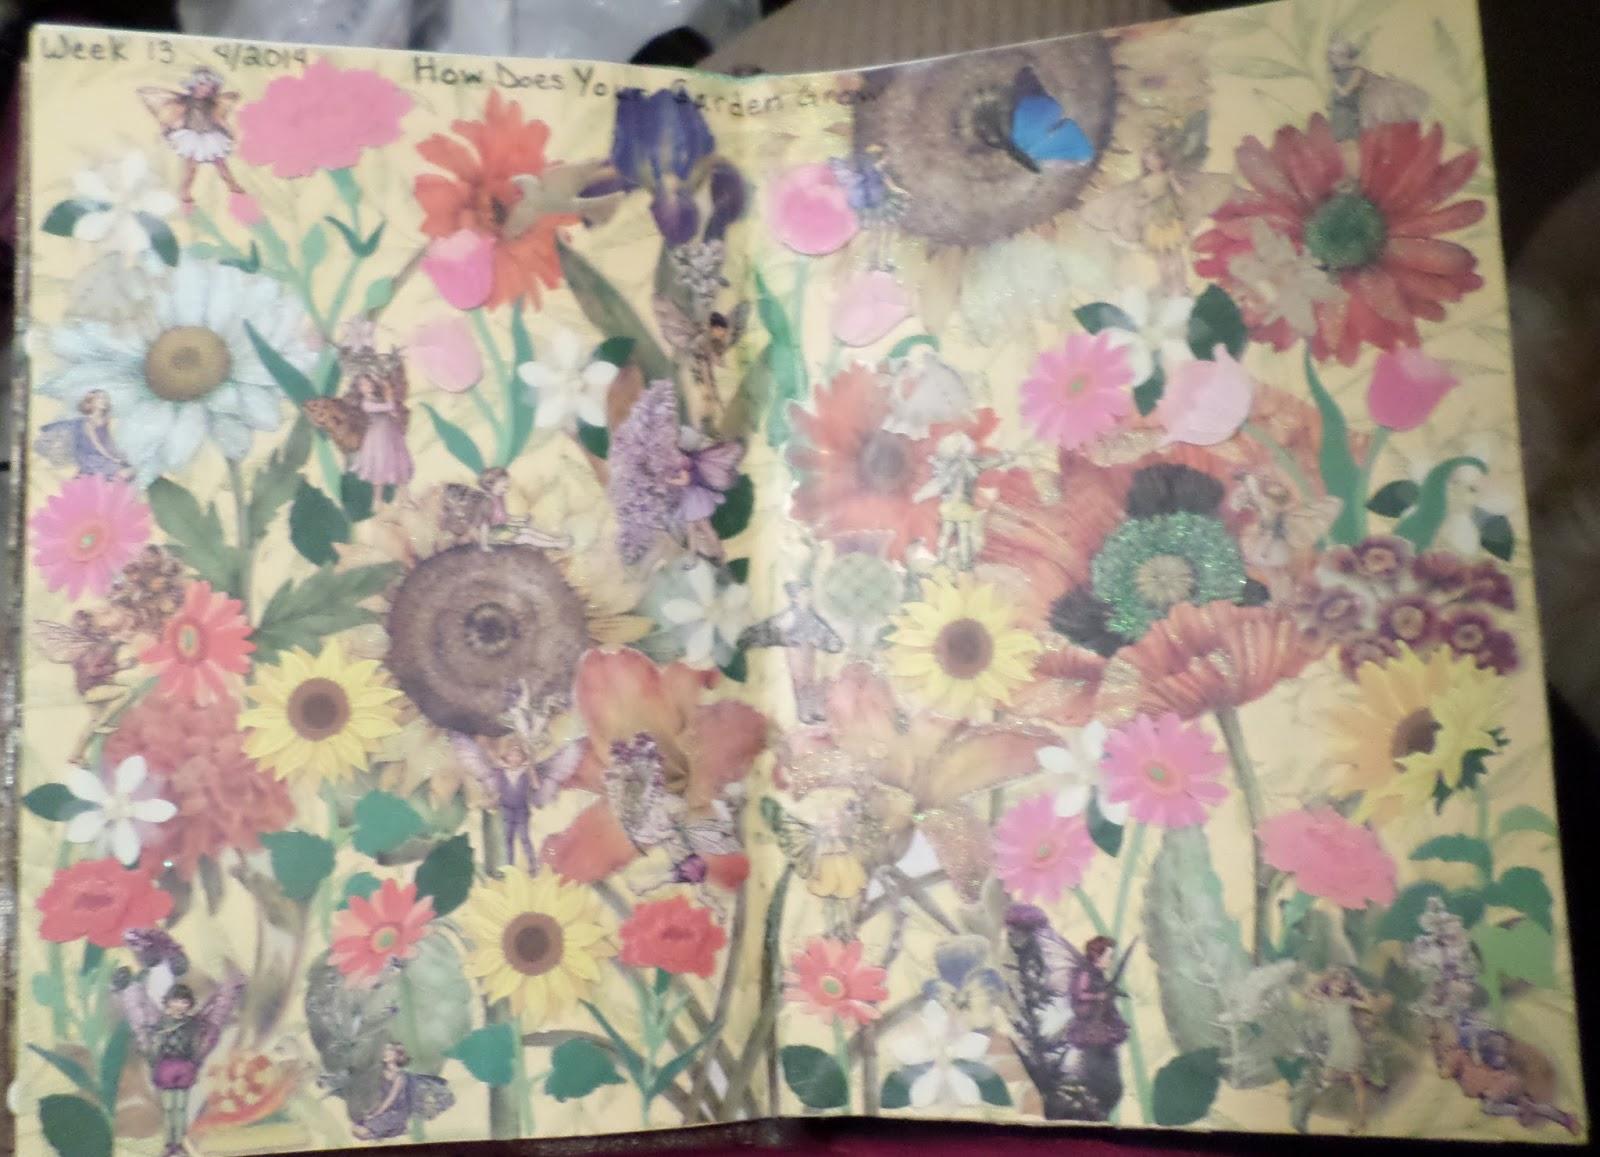 http://1.bp.blogspot.com/-44p7O39giro/U2xjYwAWHkI/AAAAAAAABrQ/K3iC5V6wcAc/s1600/Journal+52+week13+How+Does+Your+Garden+Grow.jpg